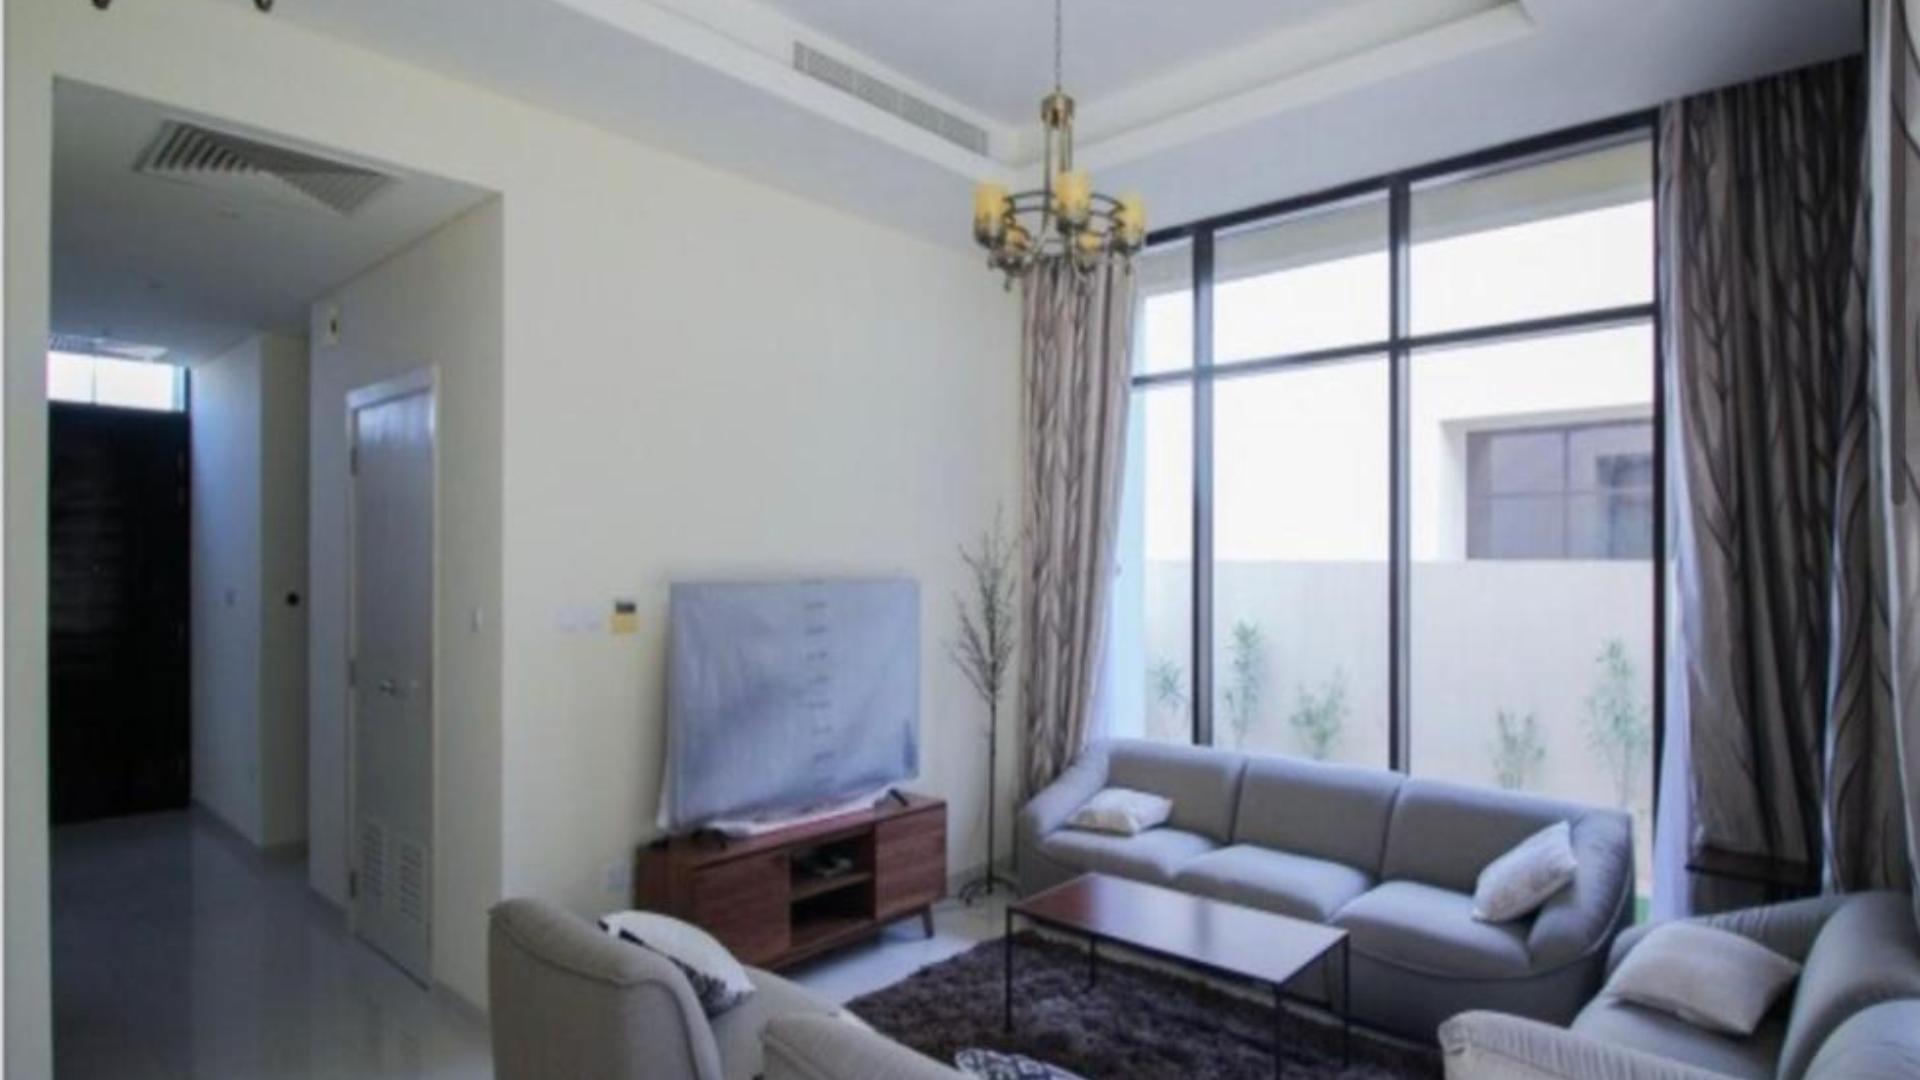 Villa en venta en Dubai, EAU, 3 dormitorios, 188 m2, № 24539 – foto 1